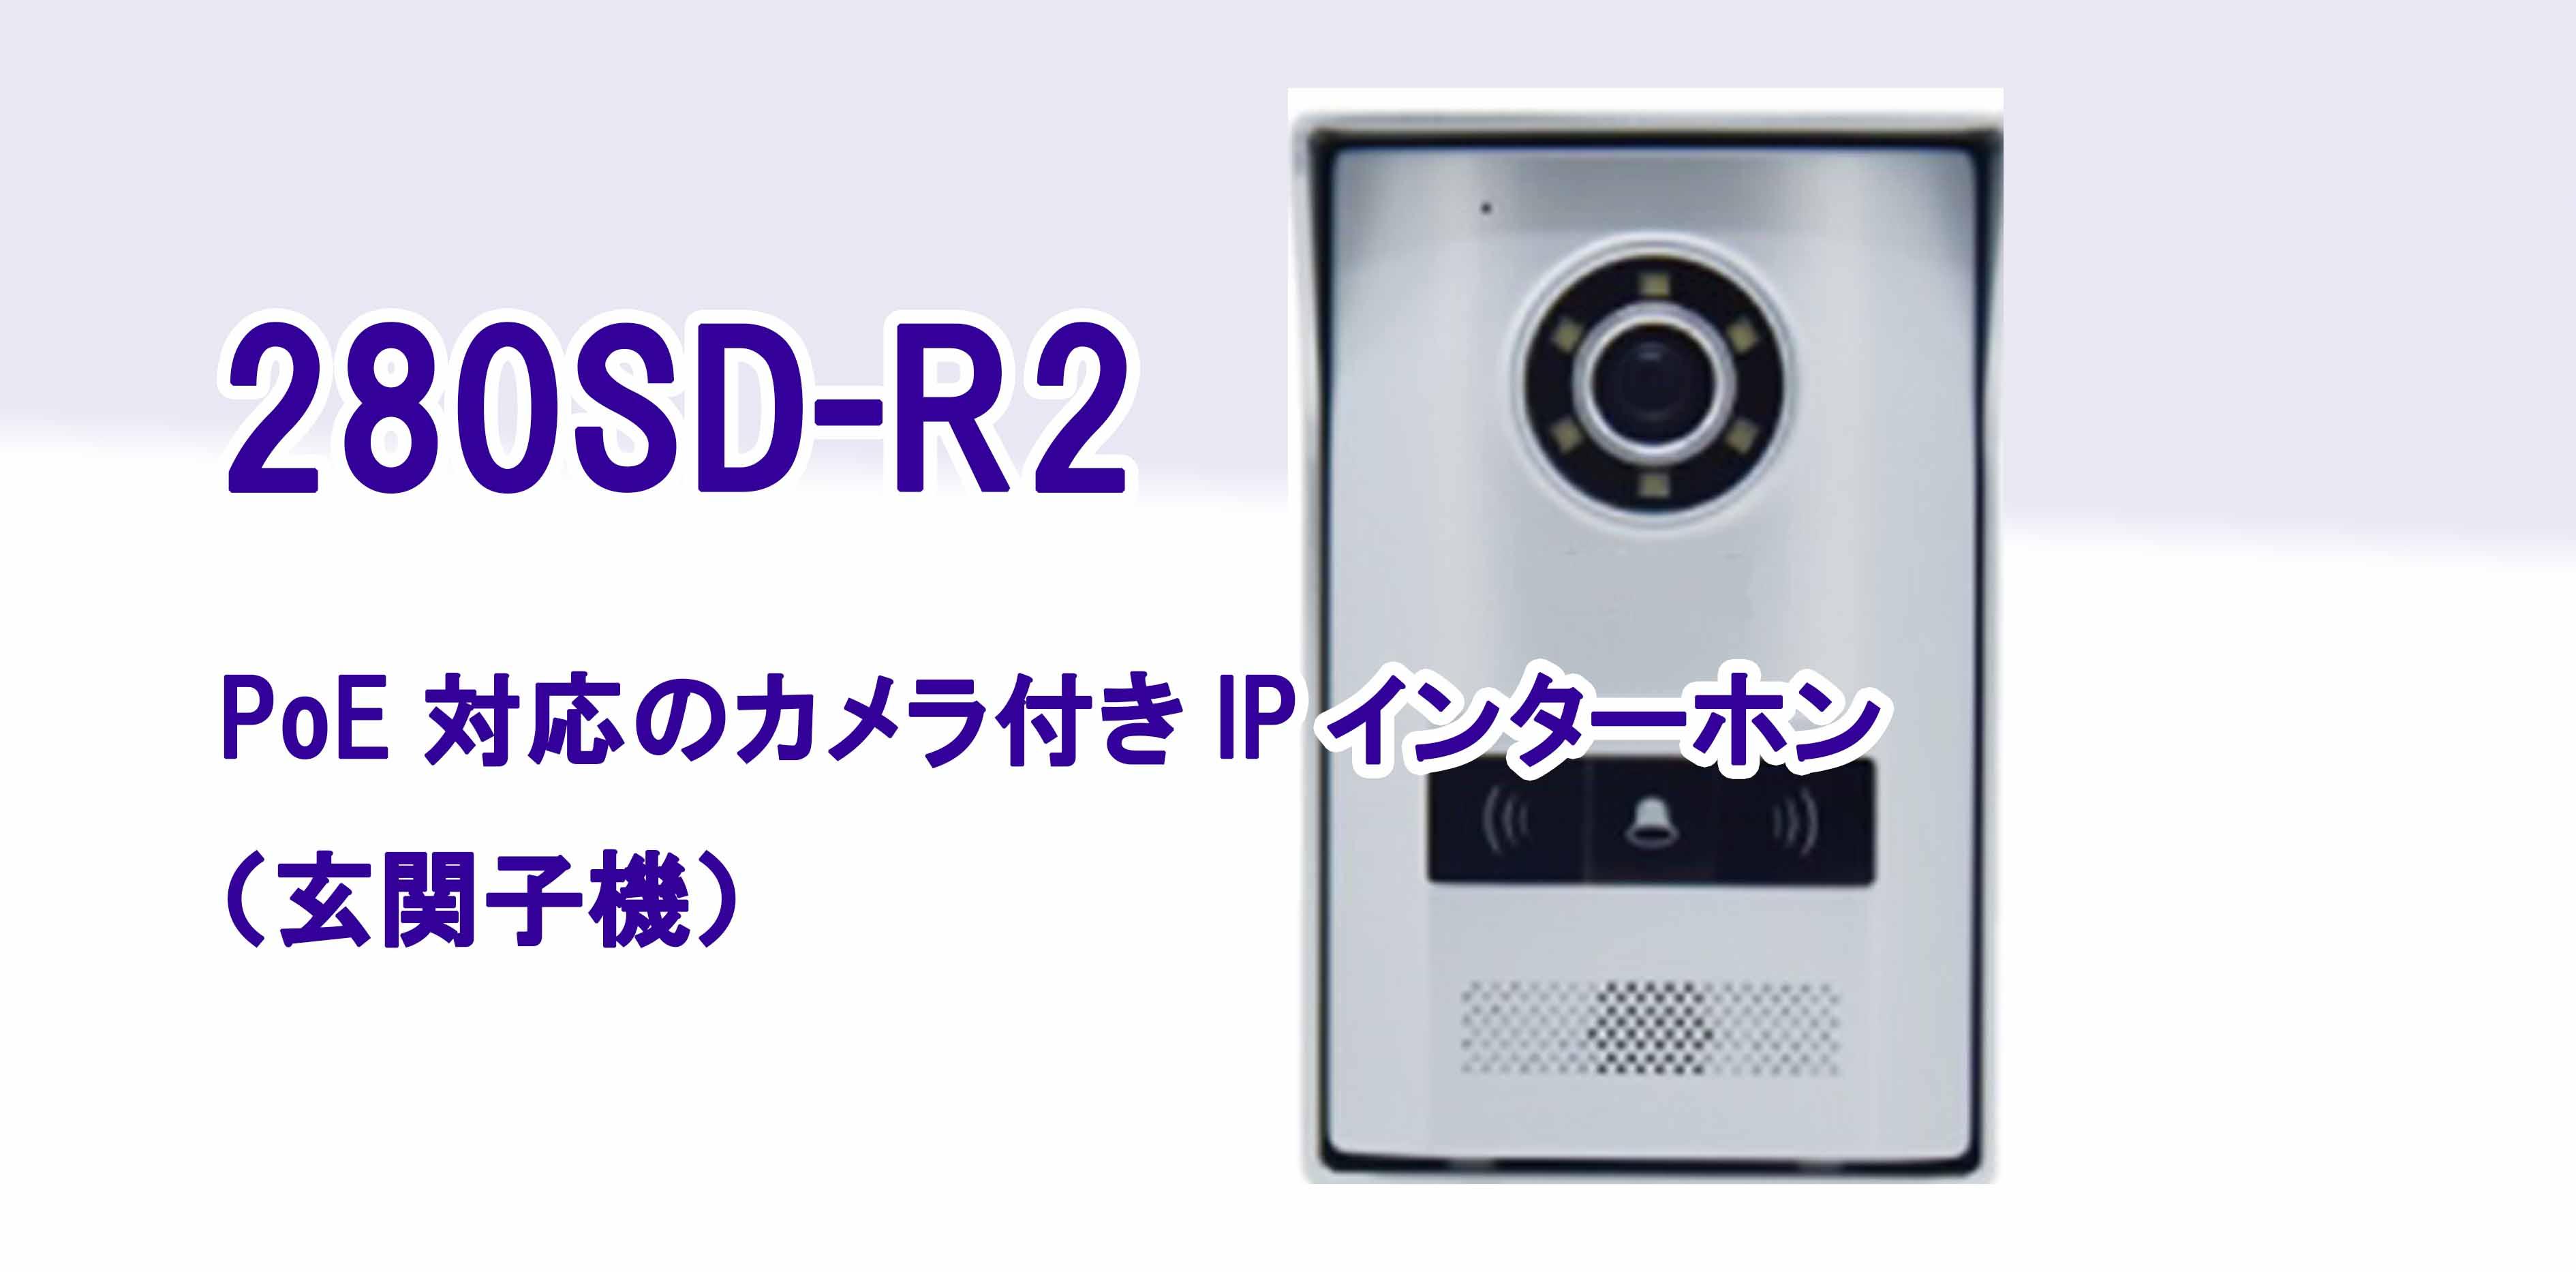 280SD-R2